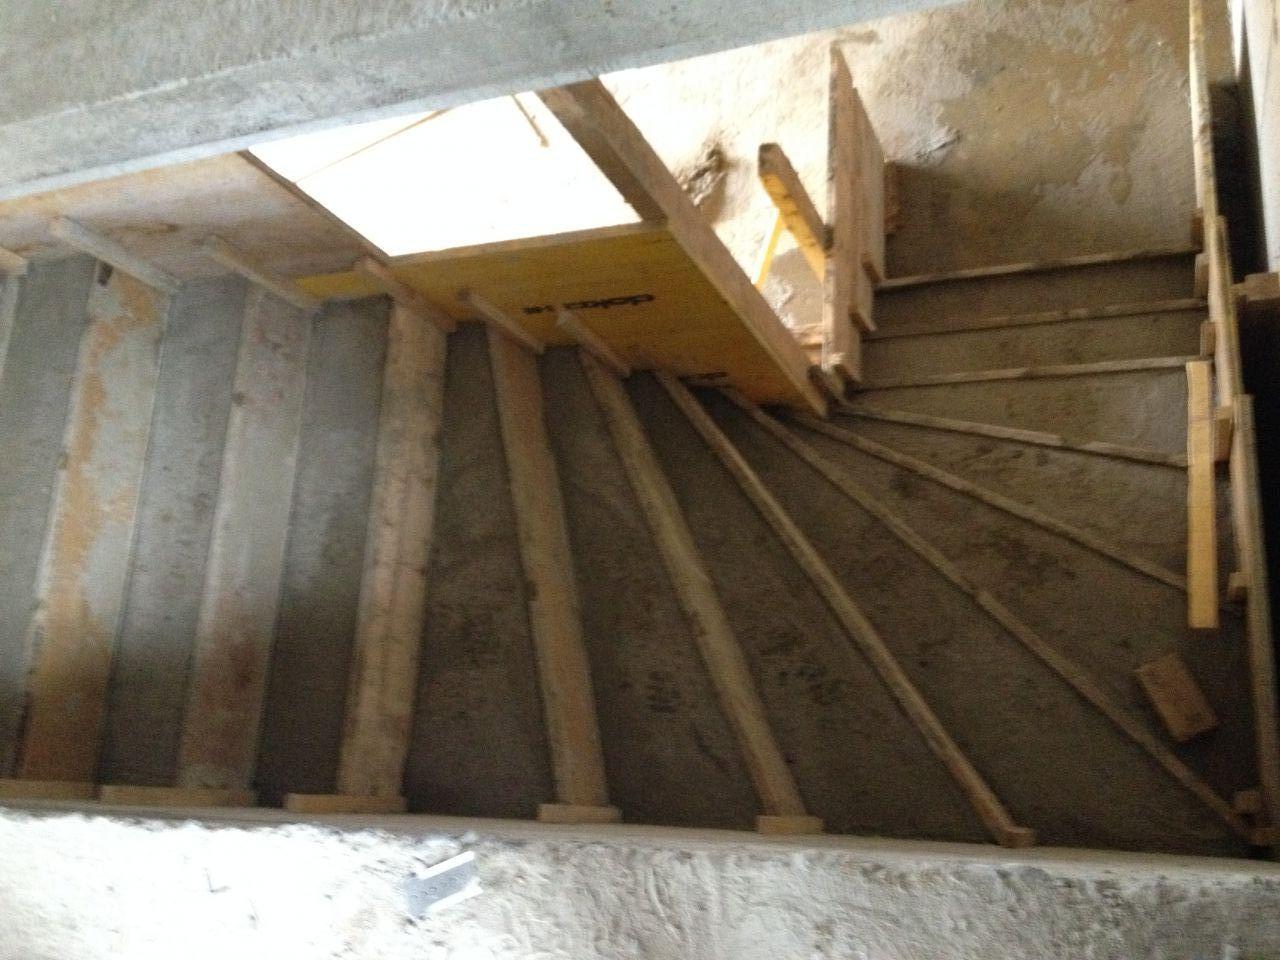 Les escaliers après une journée de séchage.